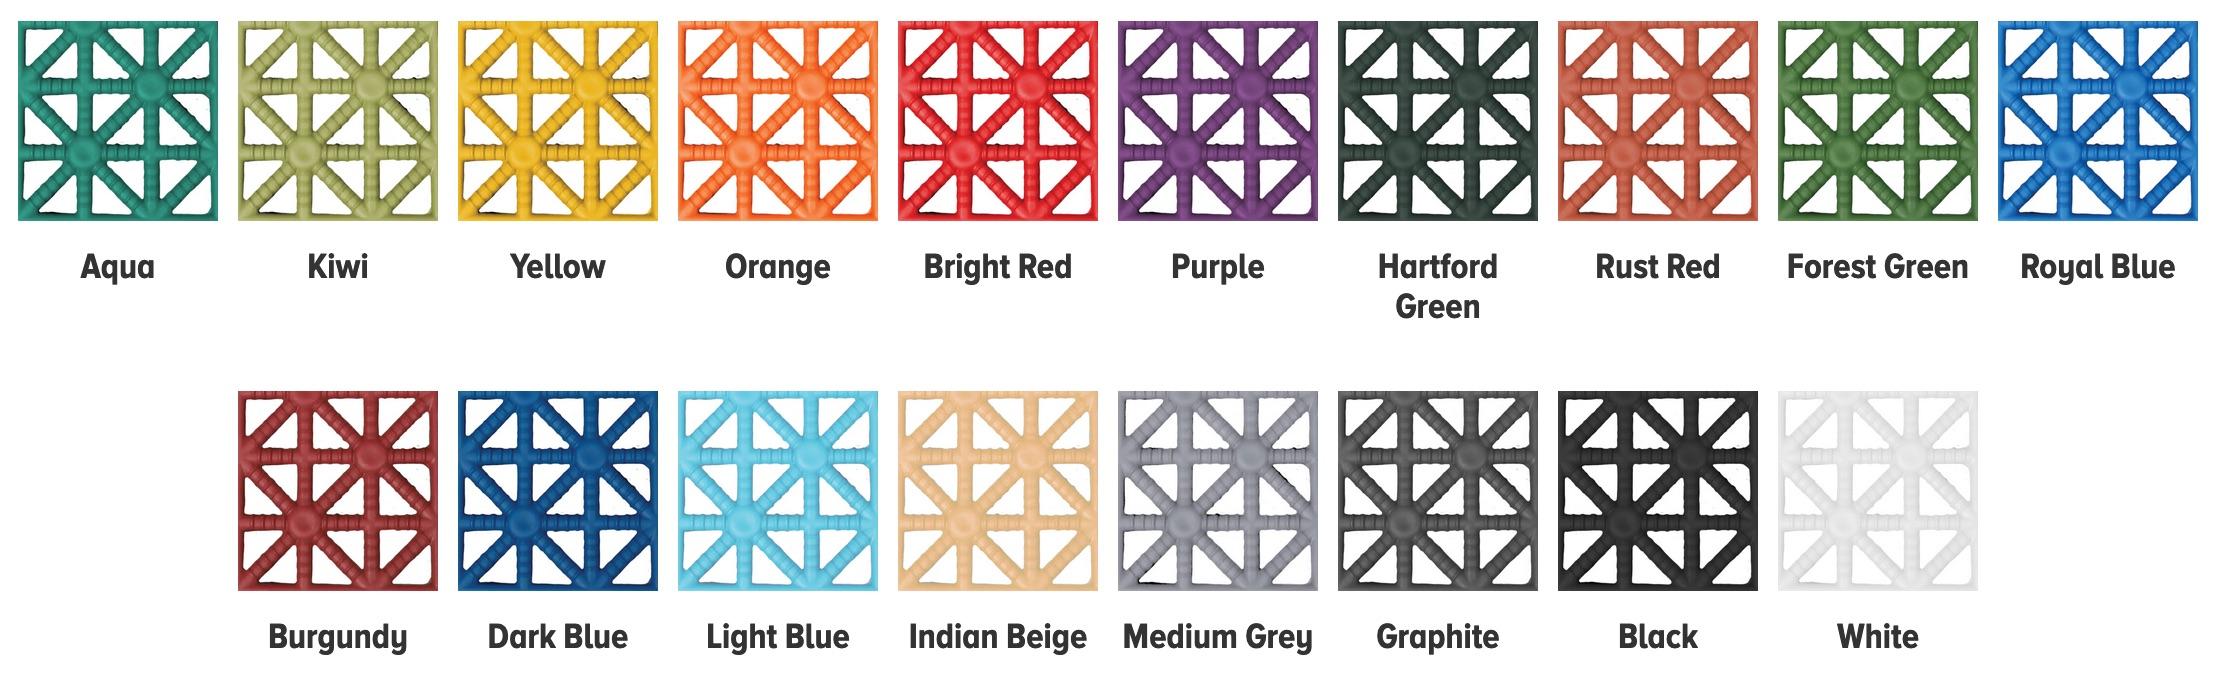 flexcourt-outdoor-colors.jpg